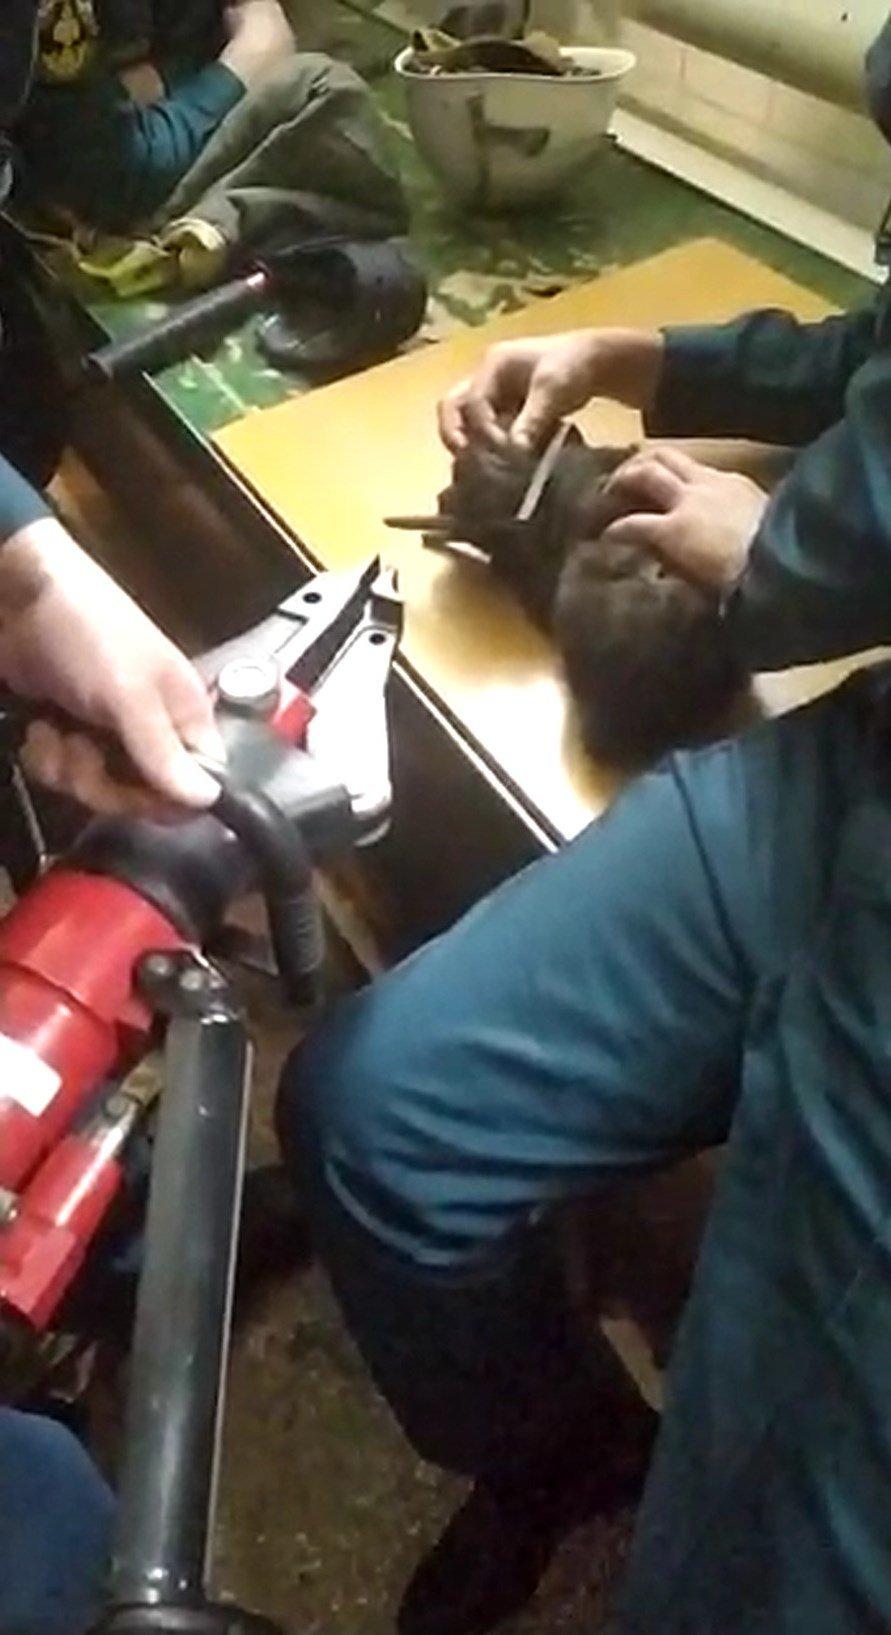 В Старом Осколе спасли застрявшего в металлической петле щенка, фото-3